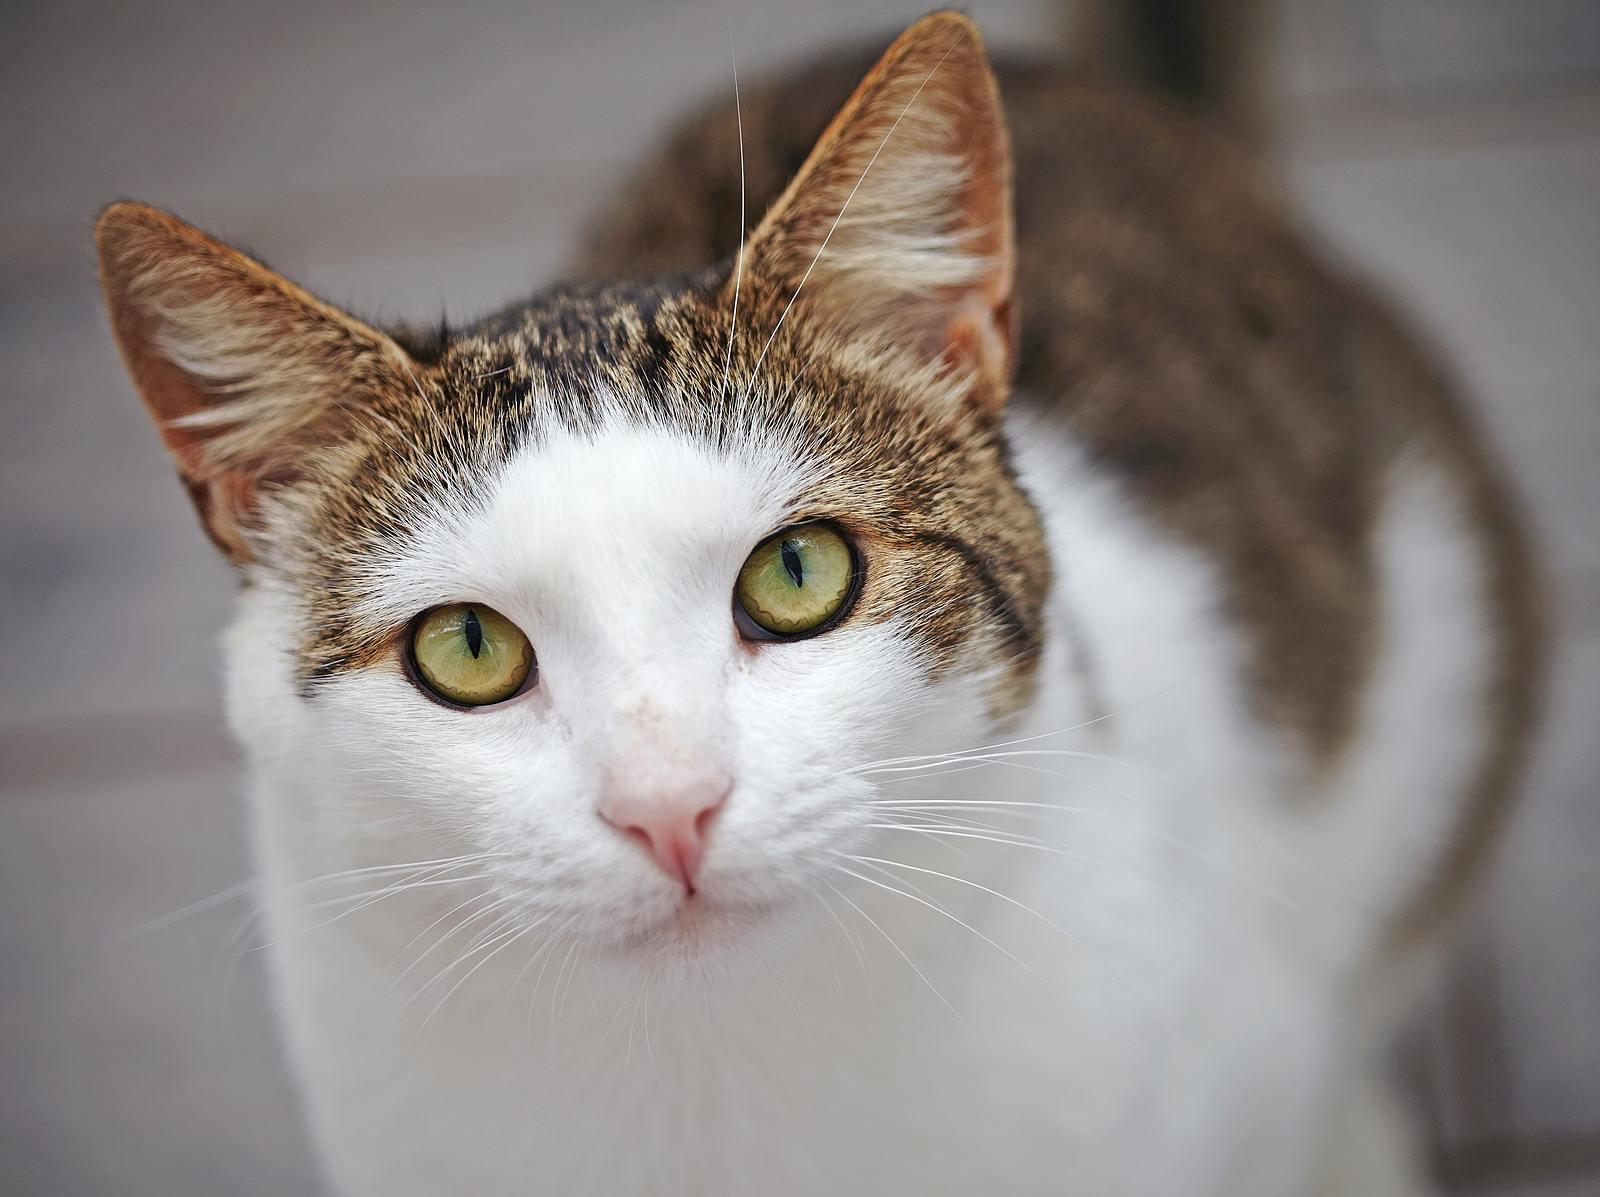 Wie sehen Katzen, warum schnurren sie? 7 Katzen-Fakten